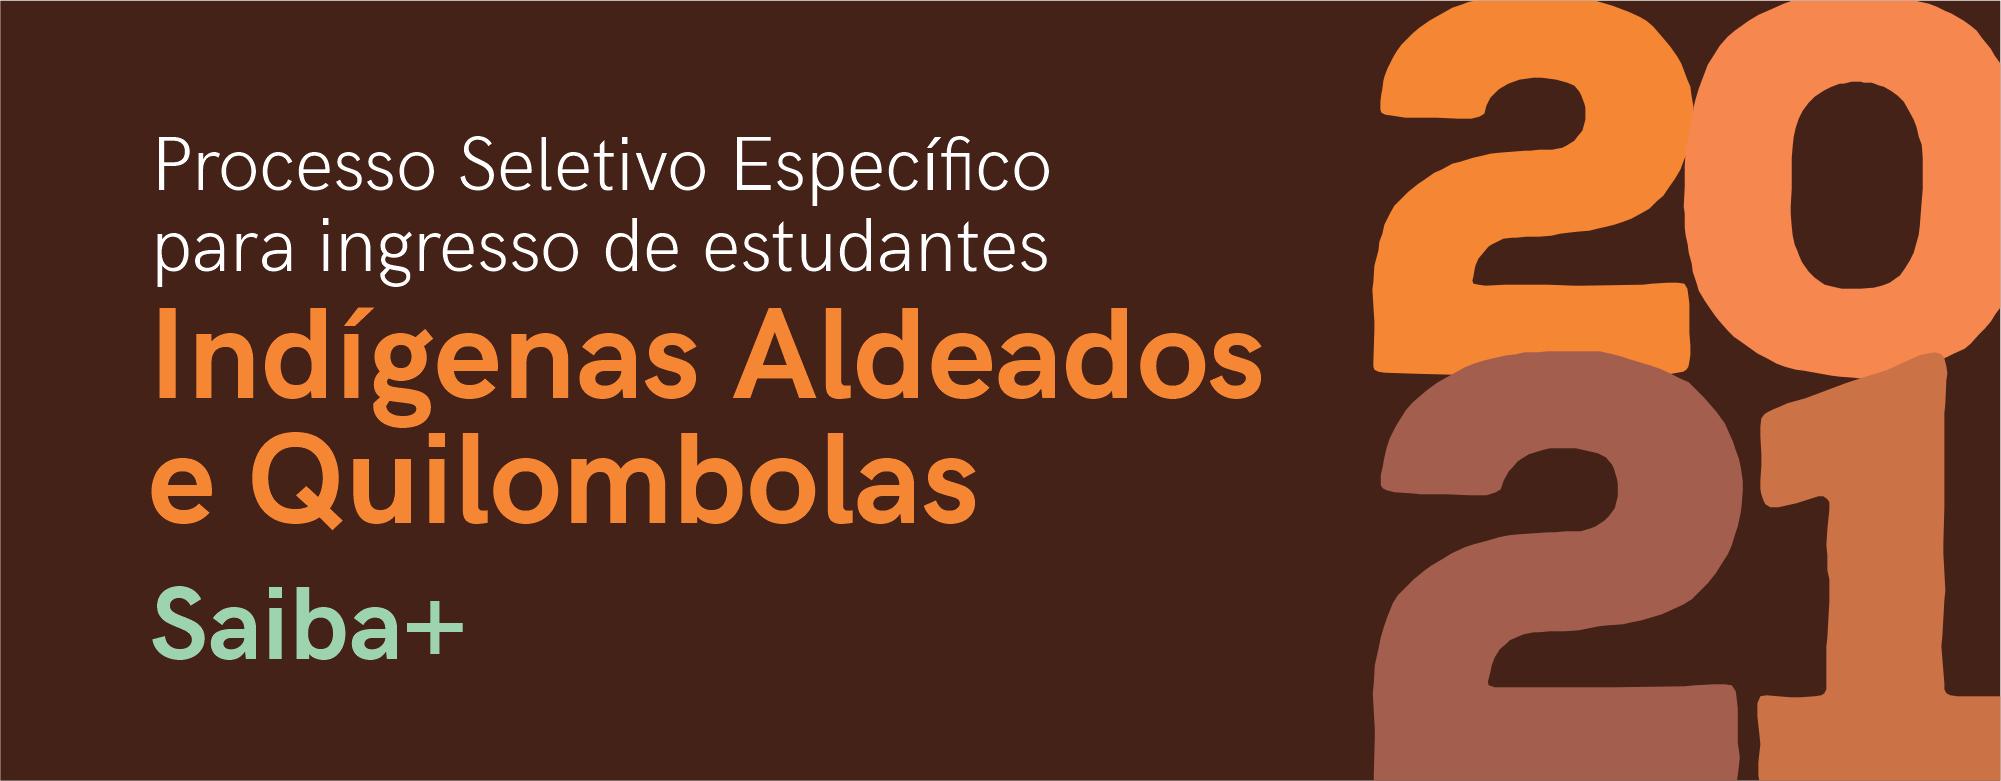 Unipampa abre processo seletivo de graduação para indígenas aldeados e quilombolas